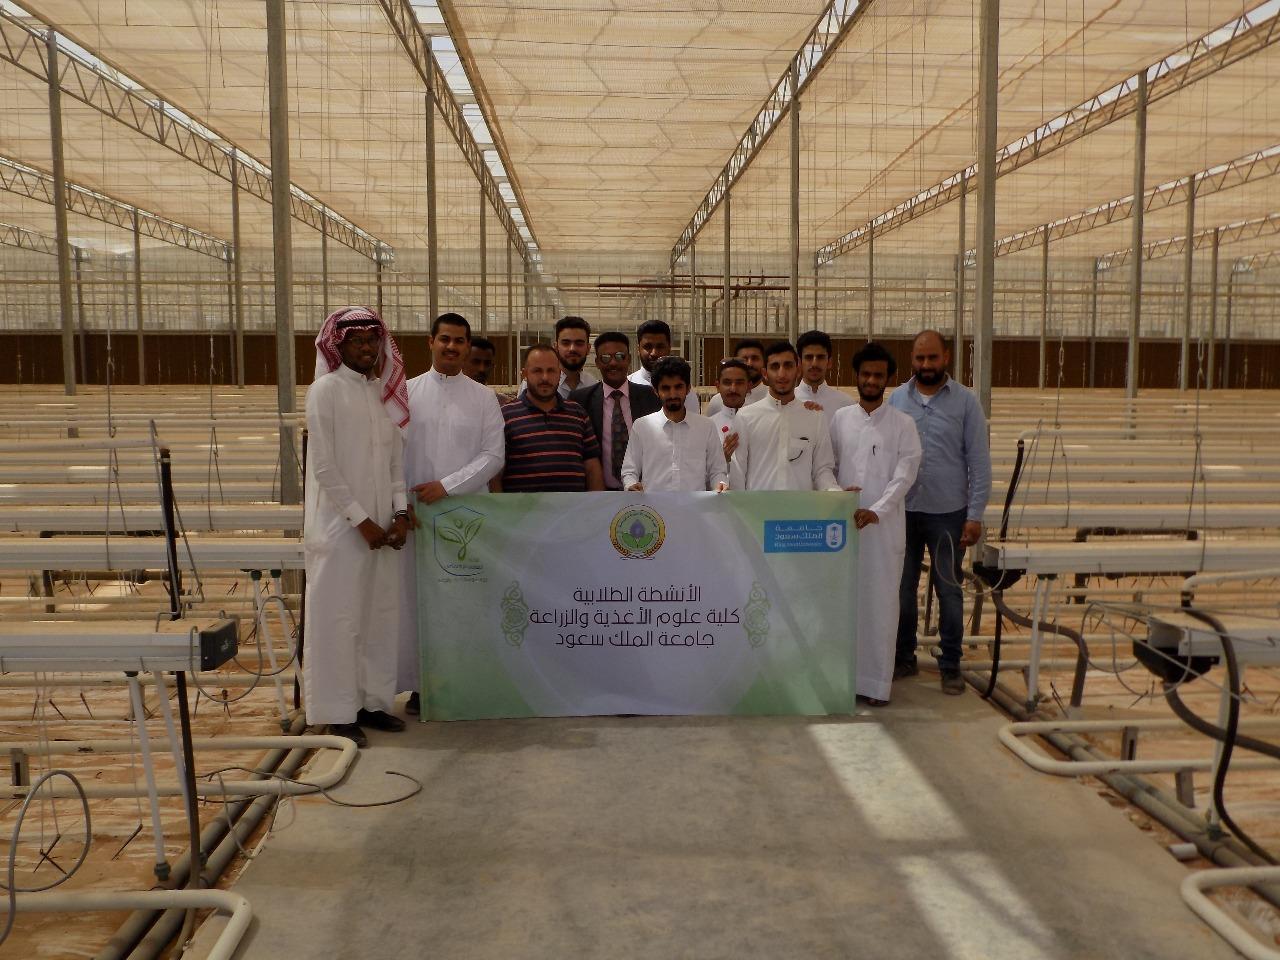 99- طلاب اللجان الطلابية في كلية علوم الأغذية والزراعة في زيارة لمزارع الرشيد في الخرج.